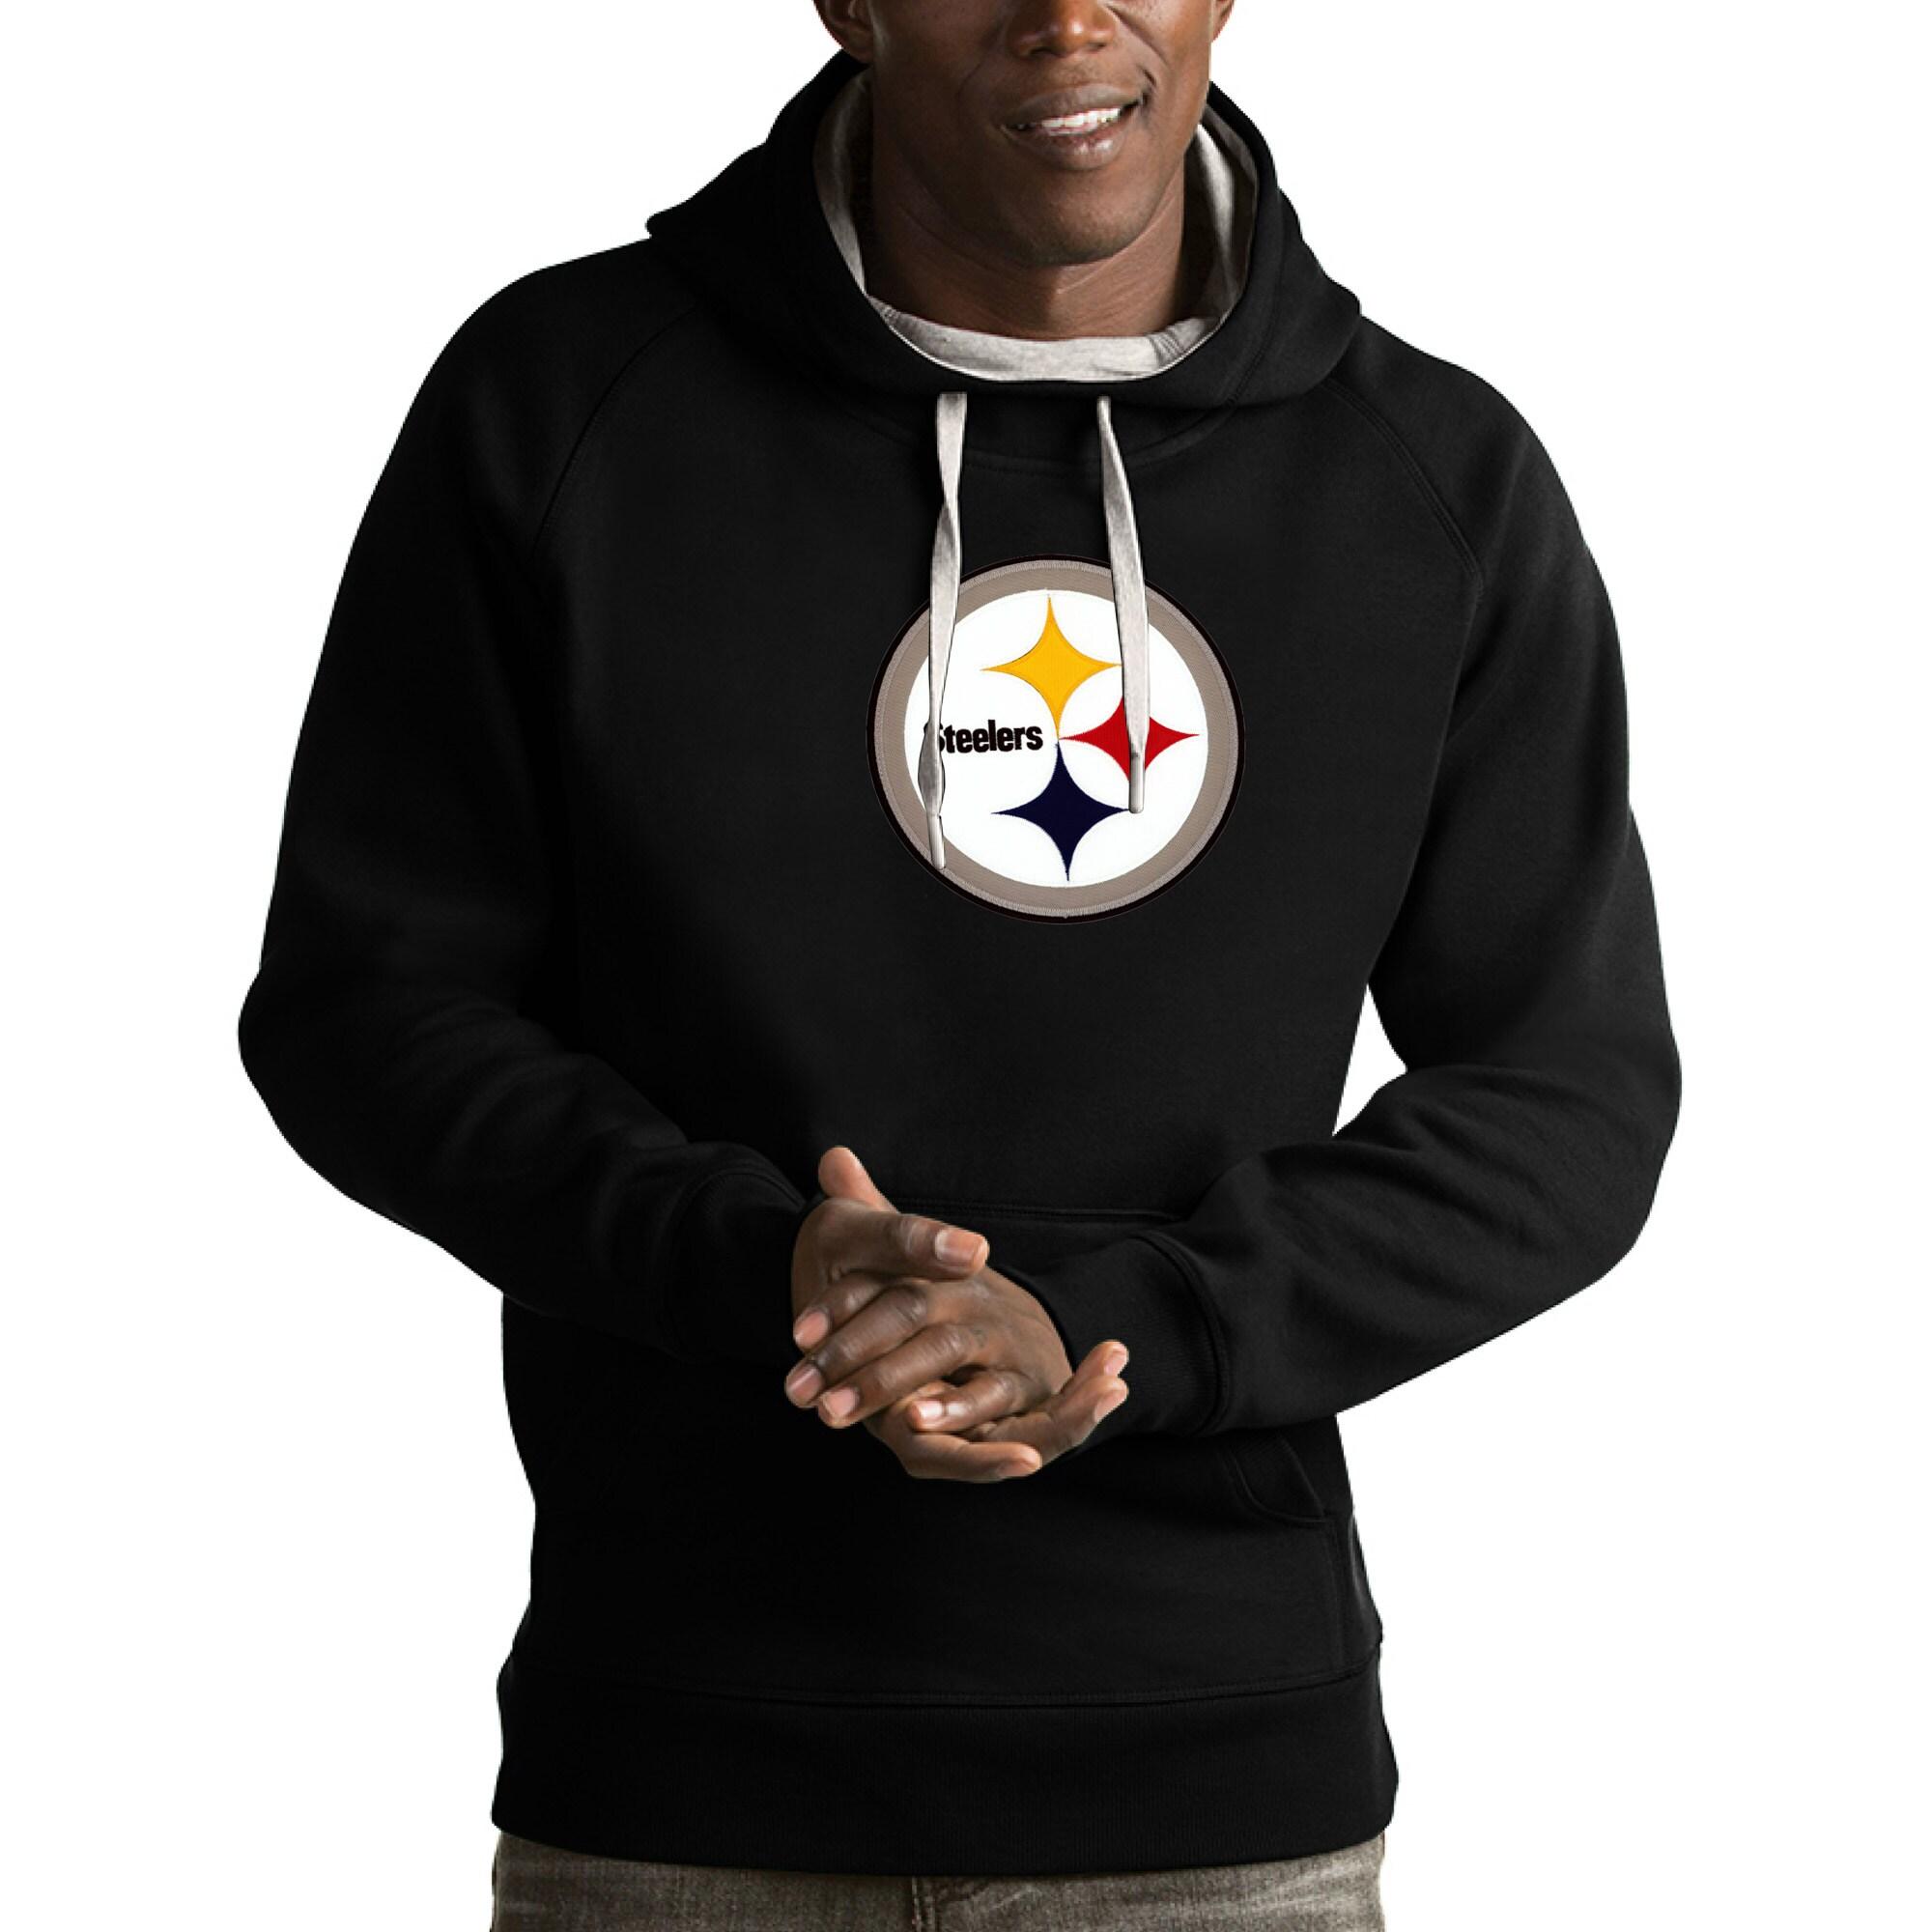 Pittsburgh Steelers Antigua Victory Pullover Hoodie - Black